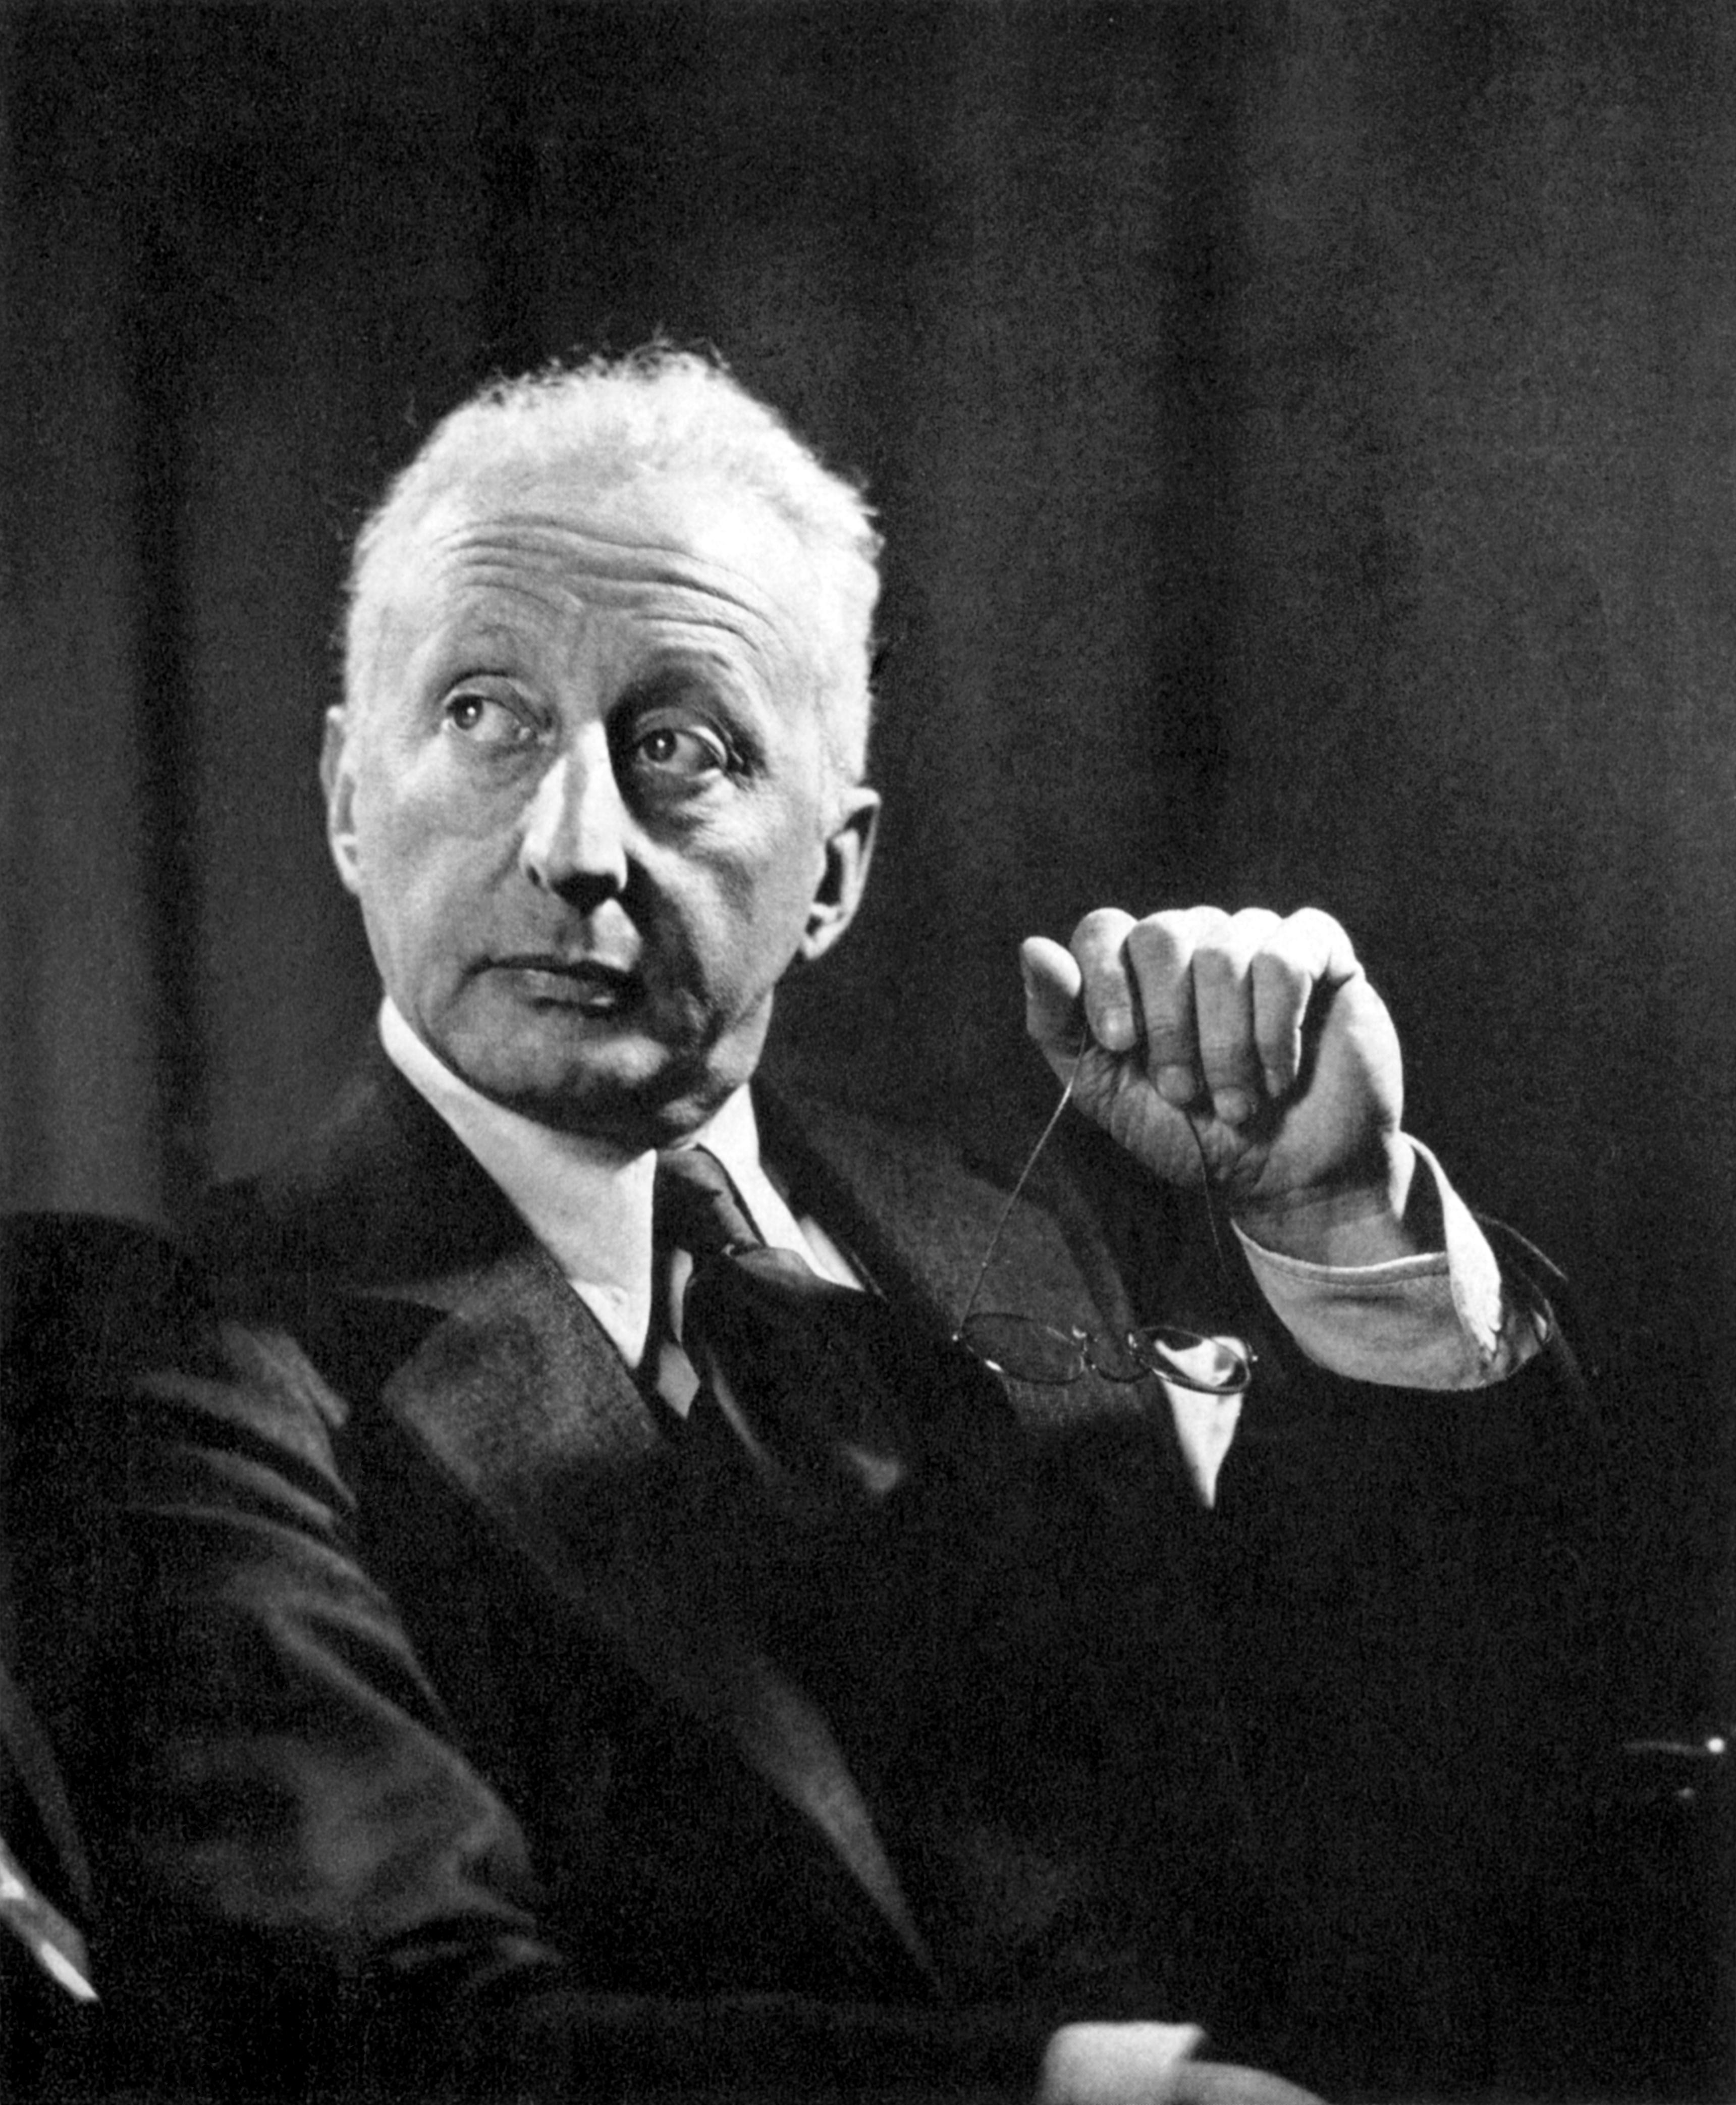 Jerome Kern in 1934